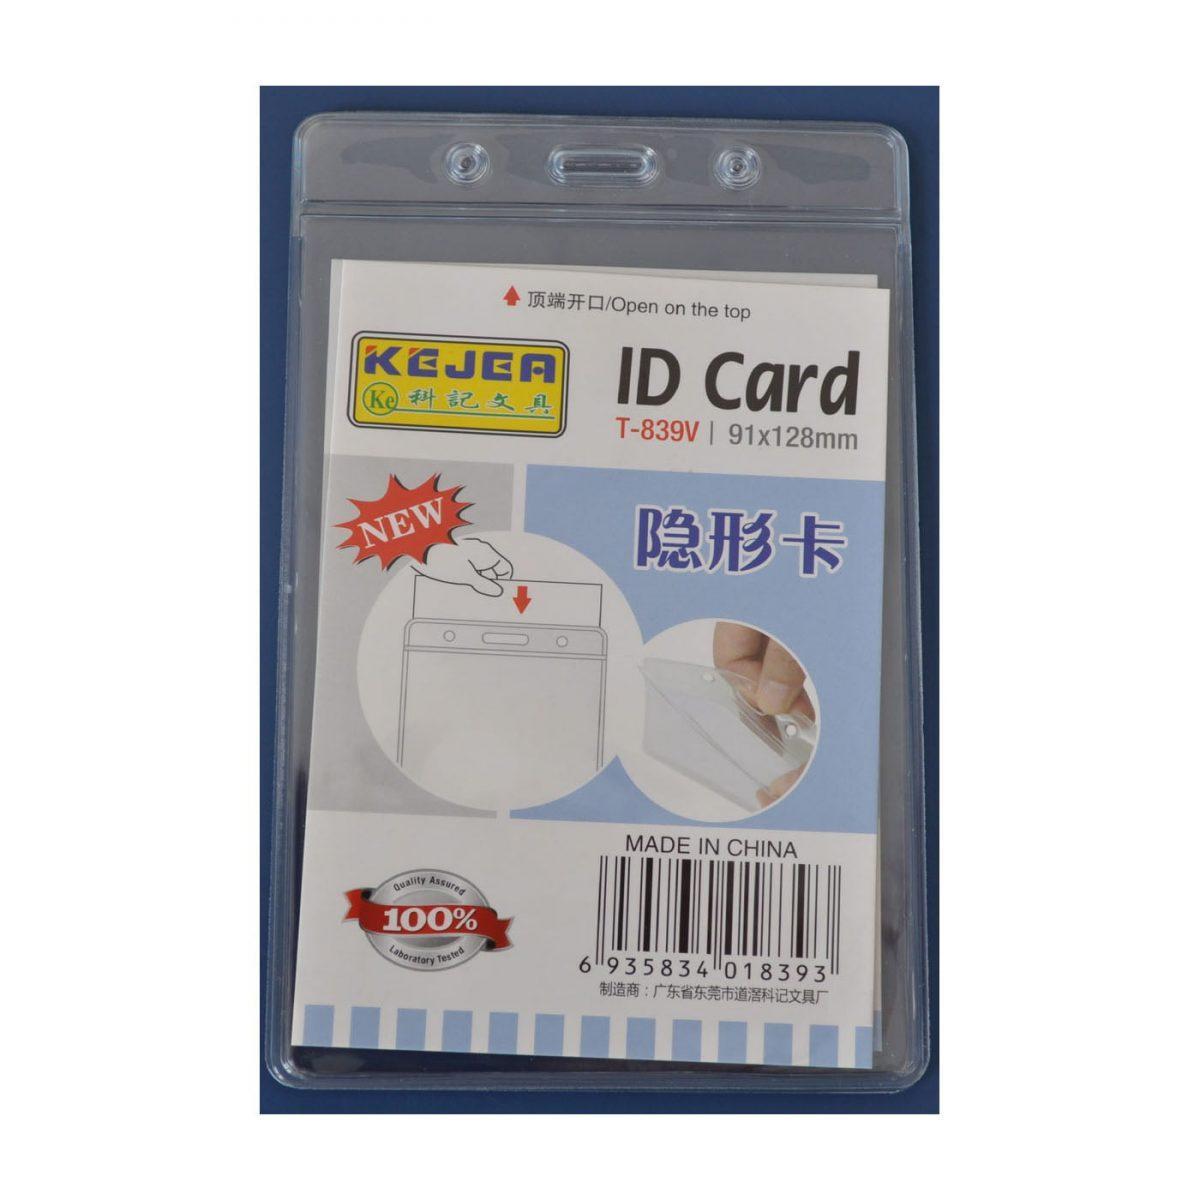 Buzunar PVC pentru ID carduri, 128 x 91 mm, vertical, 10 buc/set, KEJEA - cristal